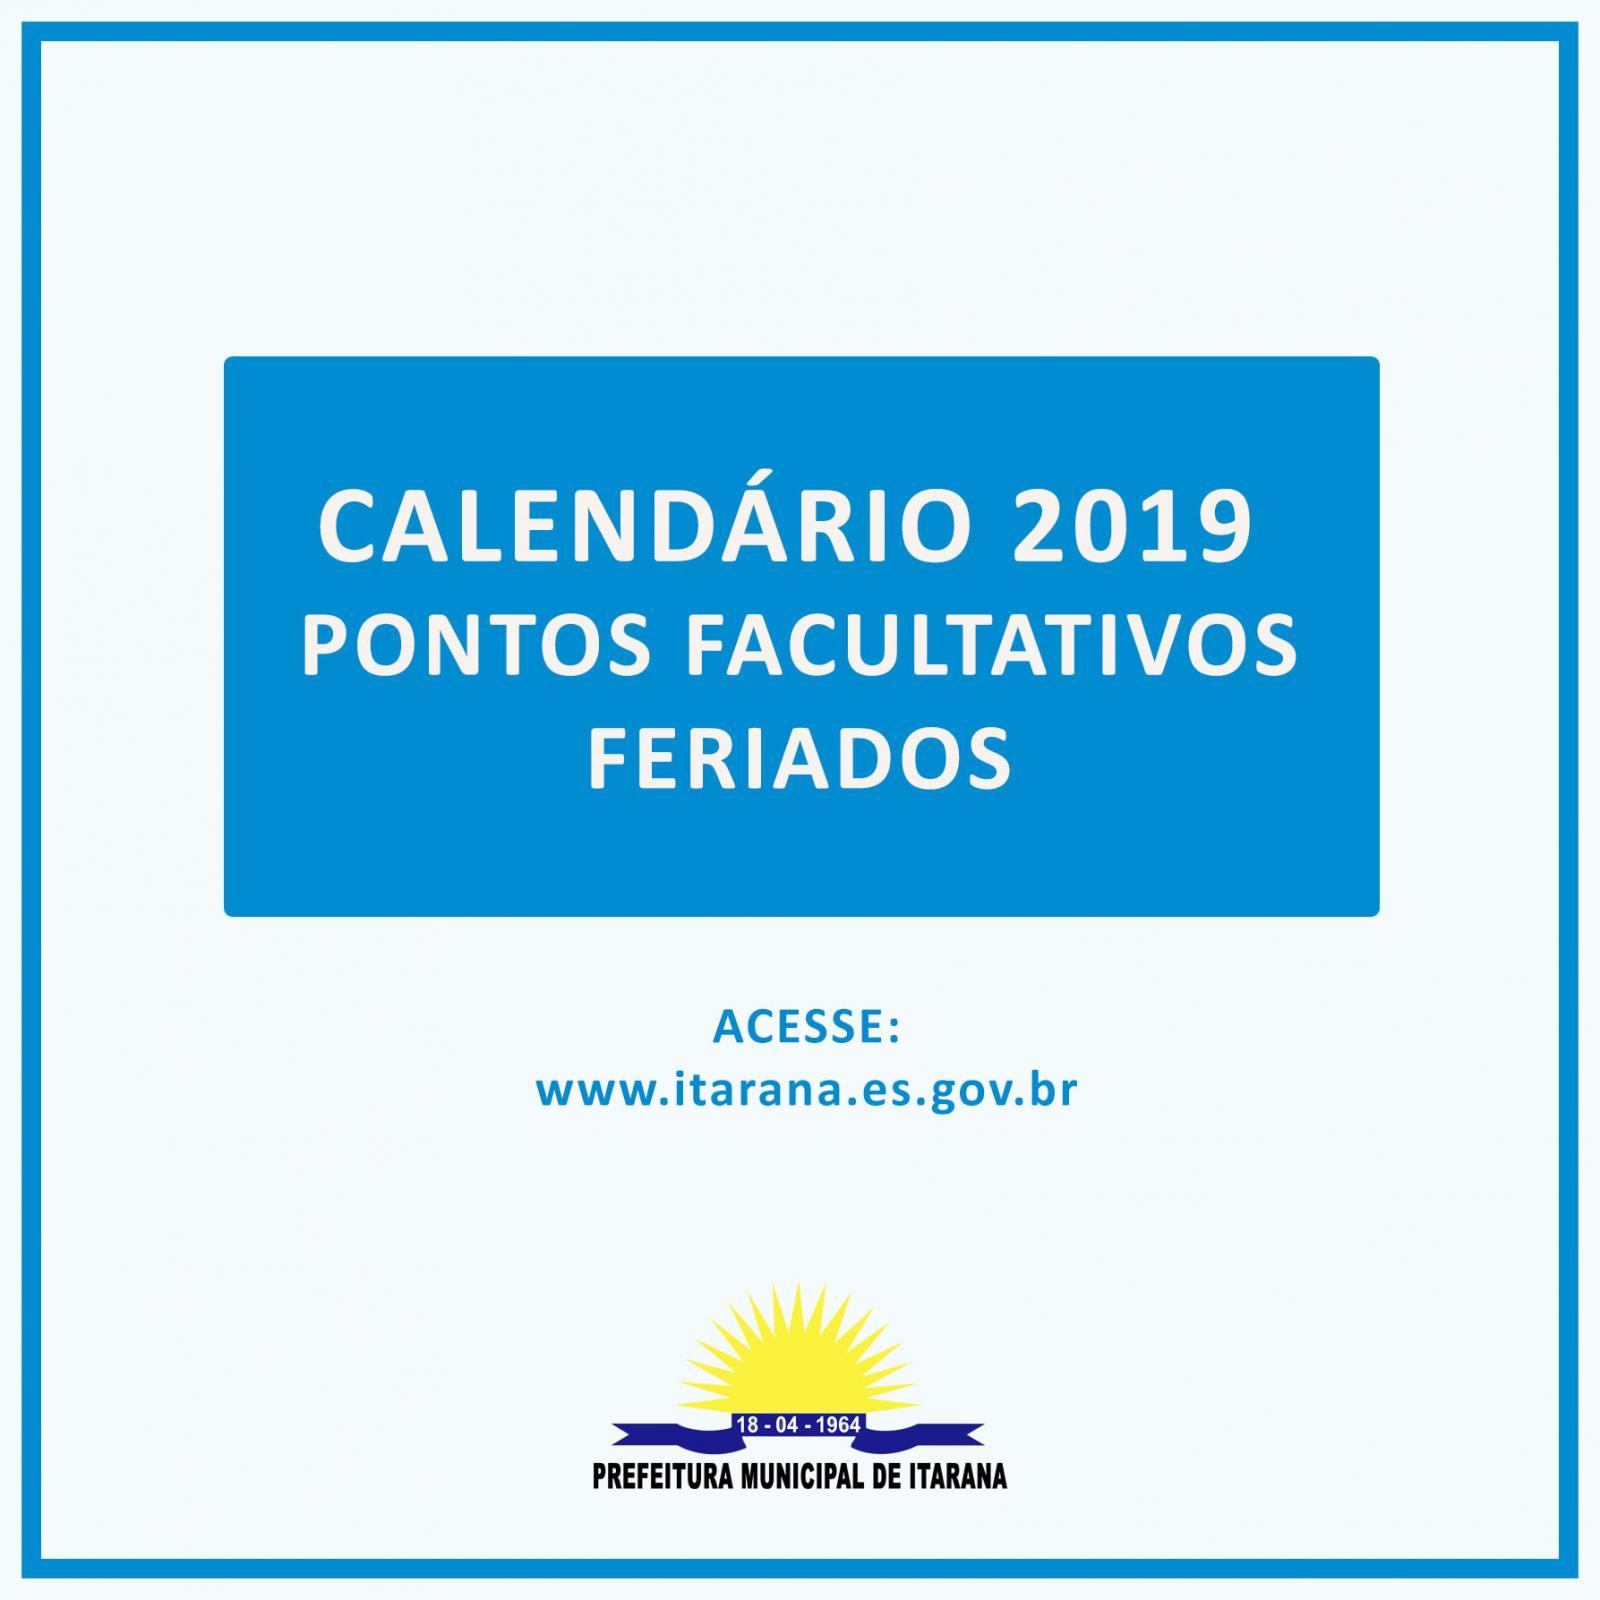 Prefeitura de Itarana divulga Calendário de Pontos Facultativos e Feriados para o ano de 2019